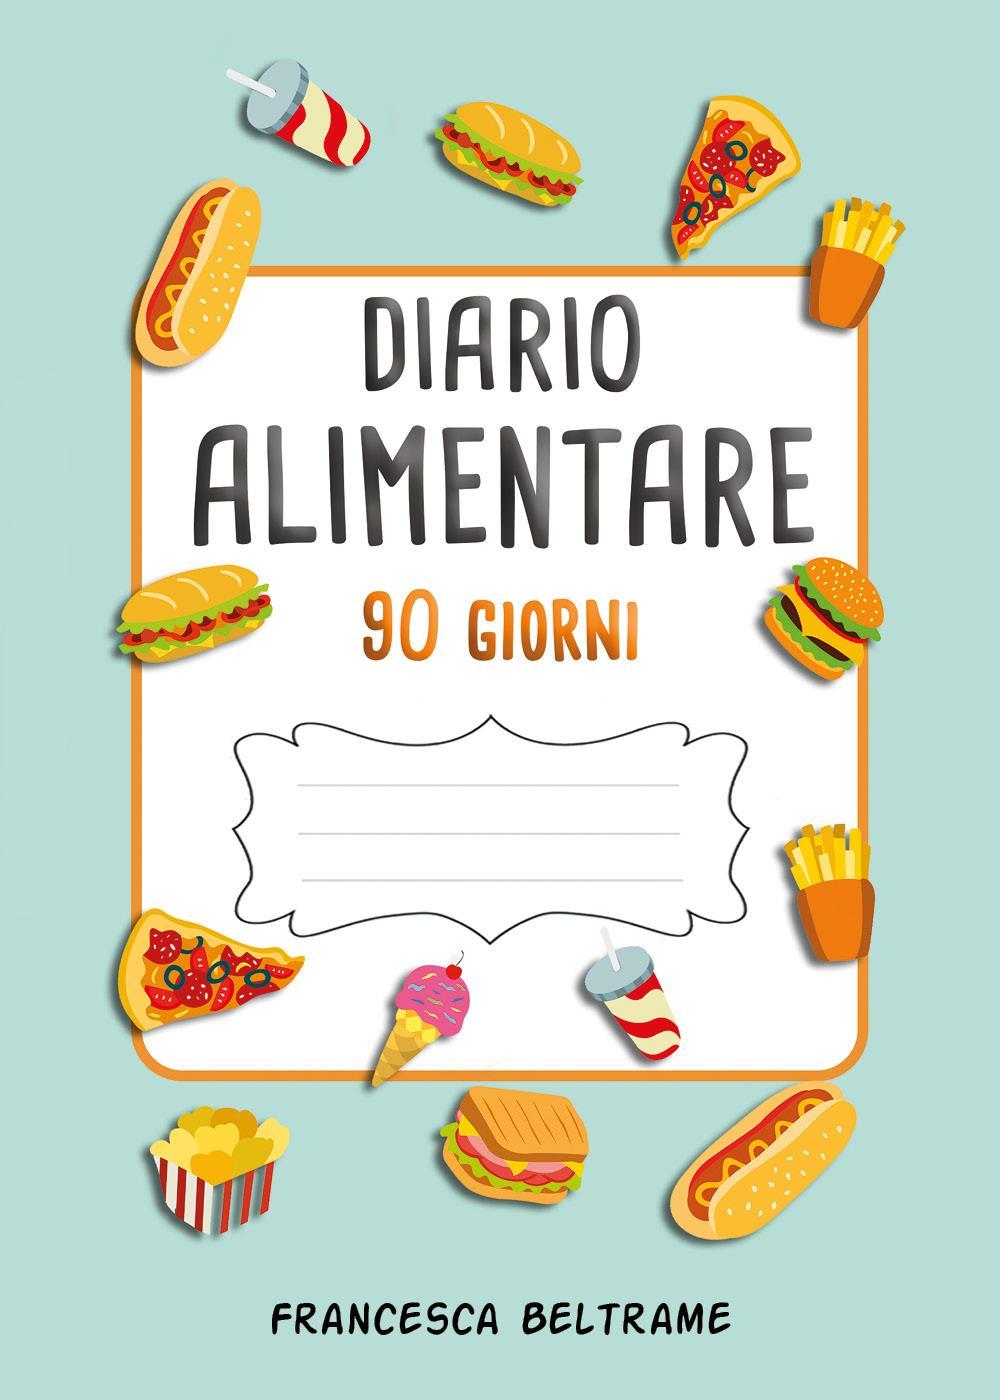 DIARIO ALIMENTARE 90 GIORNI; Il diario più completo per perdere peso velocemente e monitorare i propri obiettivi